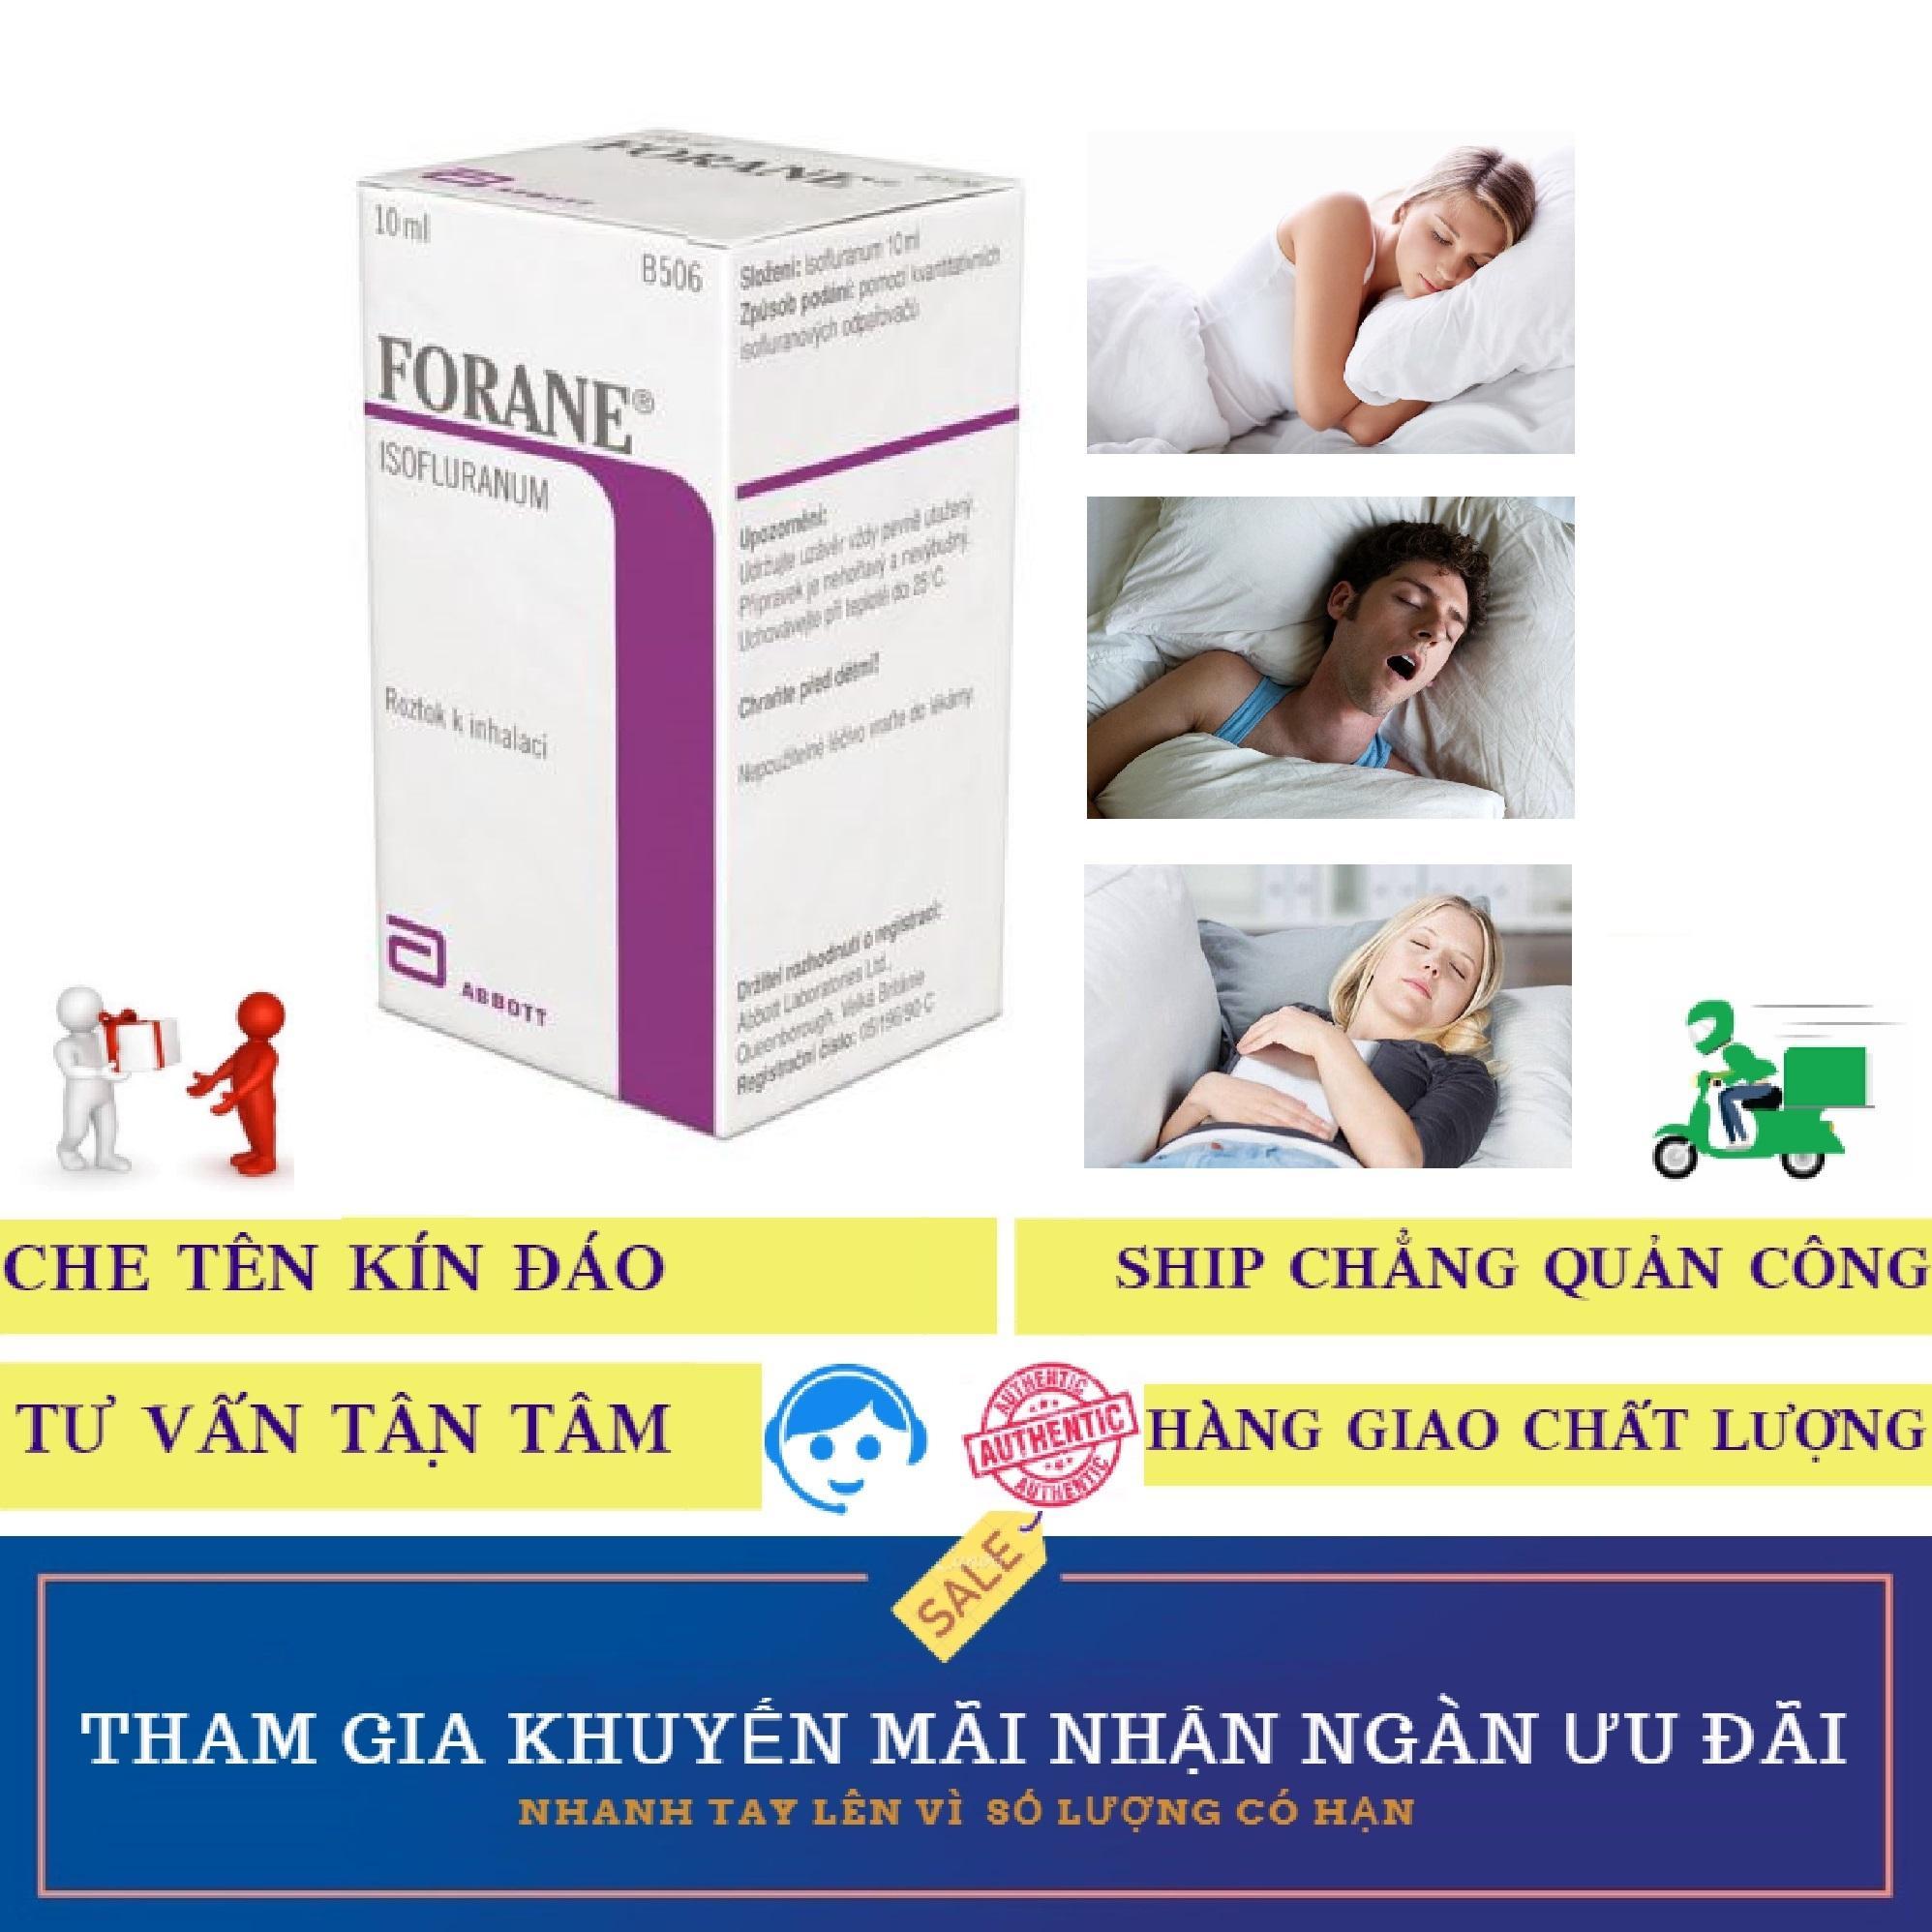 Thuốc chai xịt FORANE hỗ trợ mê giấc ngủ (10ml)